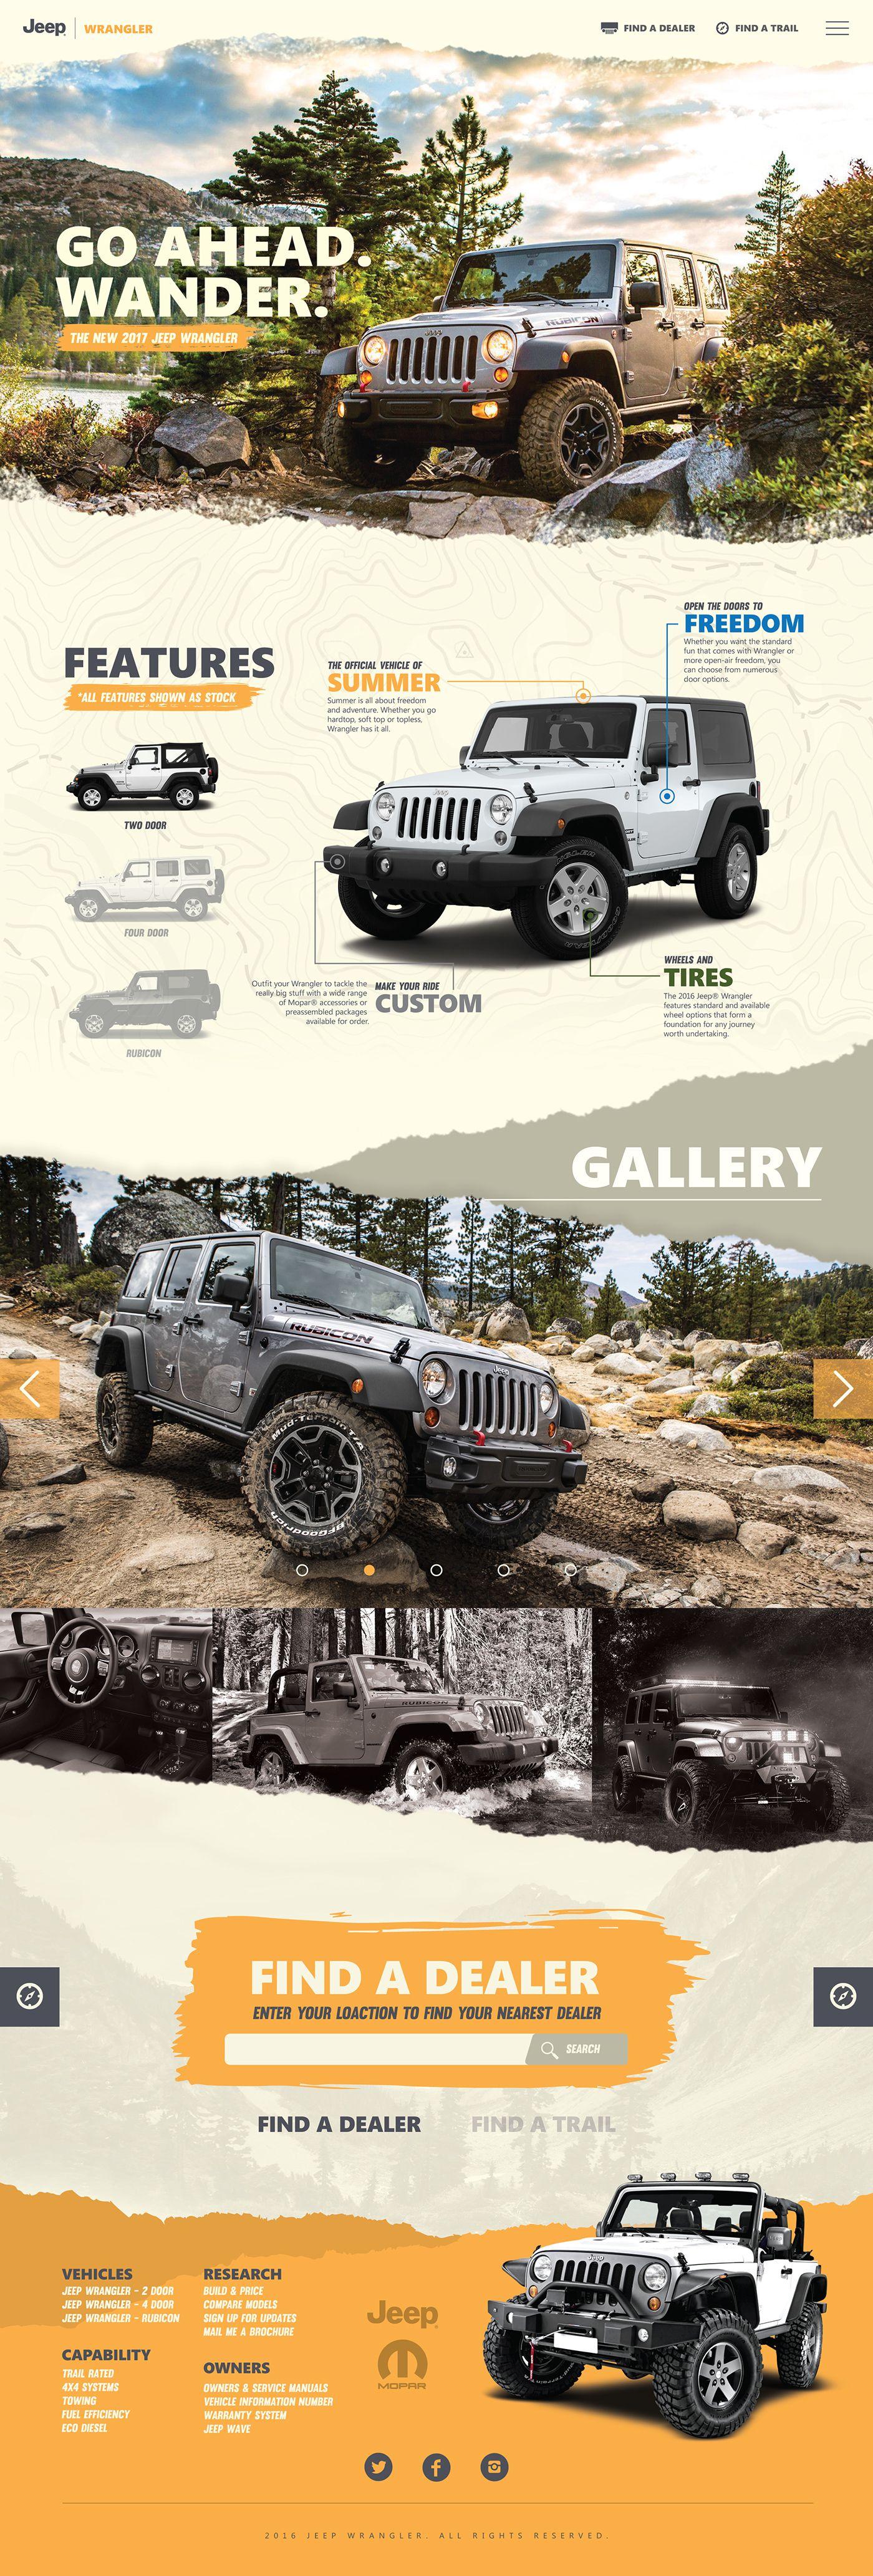 Jeep Wrangler Concept On Behance Zdes Mozhno Vzyat Ideyu 2go Ekrana Chtoby Pokazat Mashinu V Razbore Celevye Stranicy Dizajn Sajta Veb Dizajn